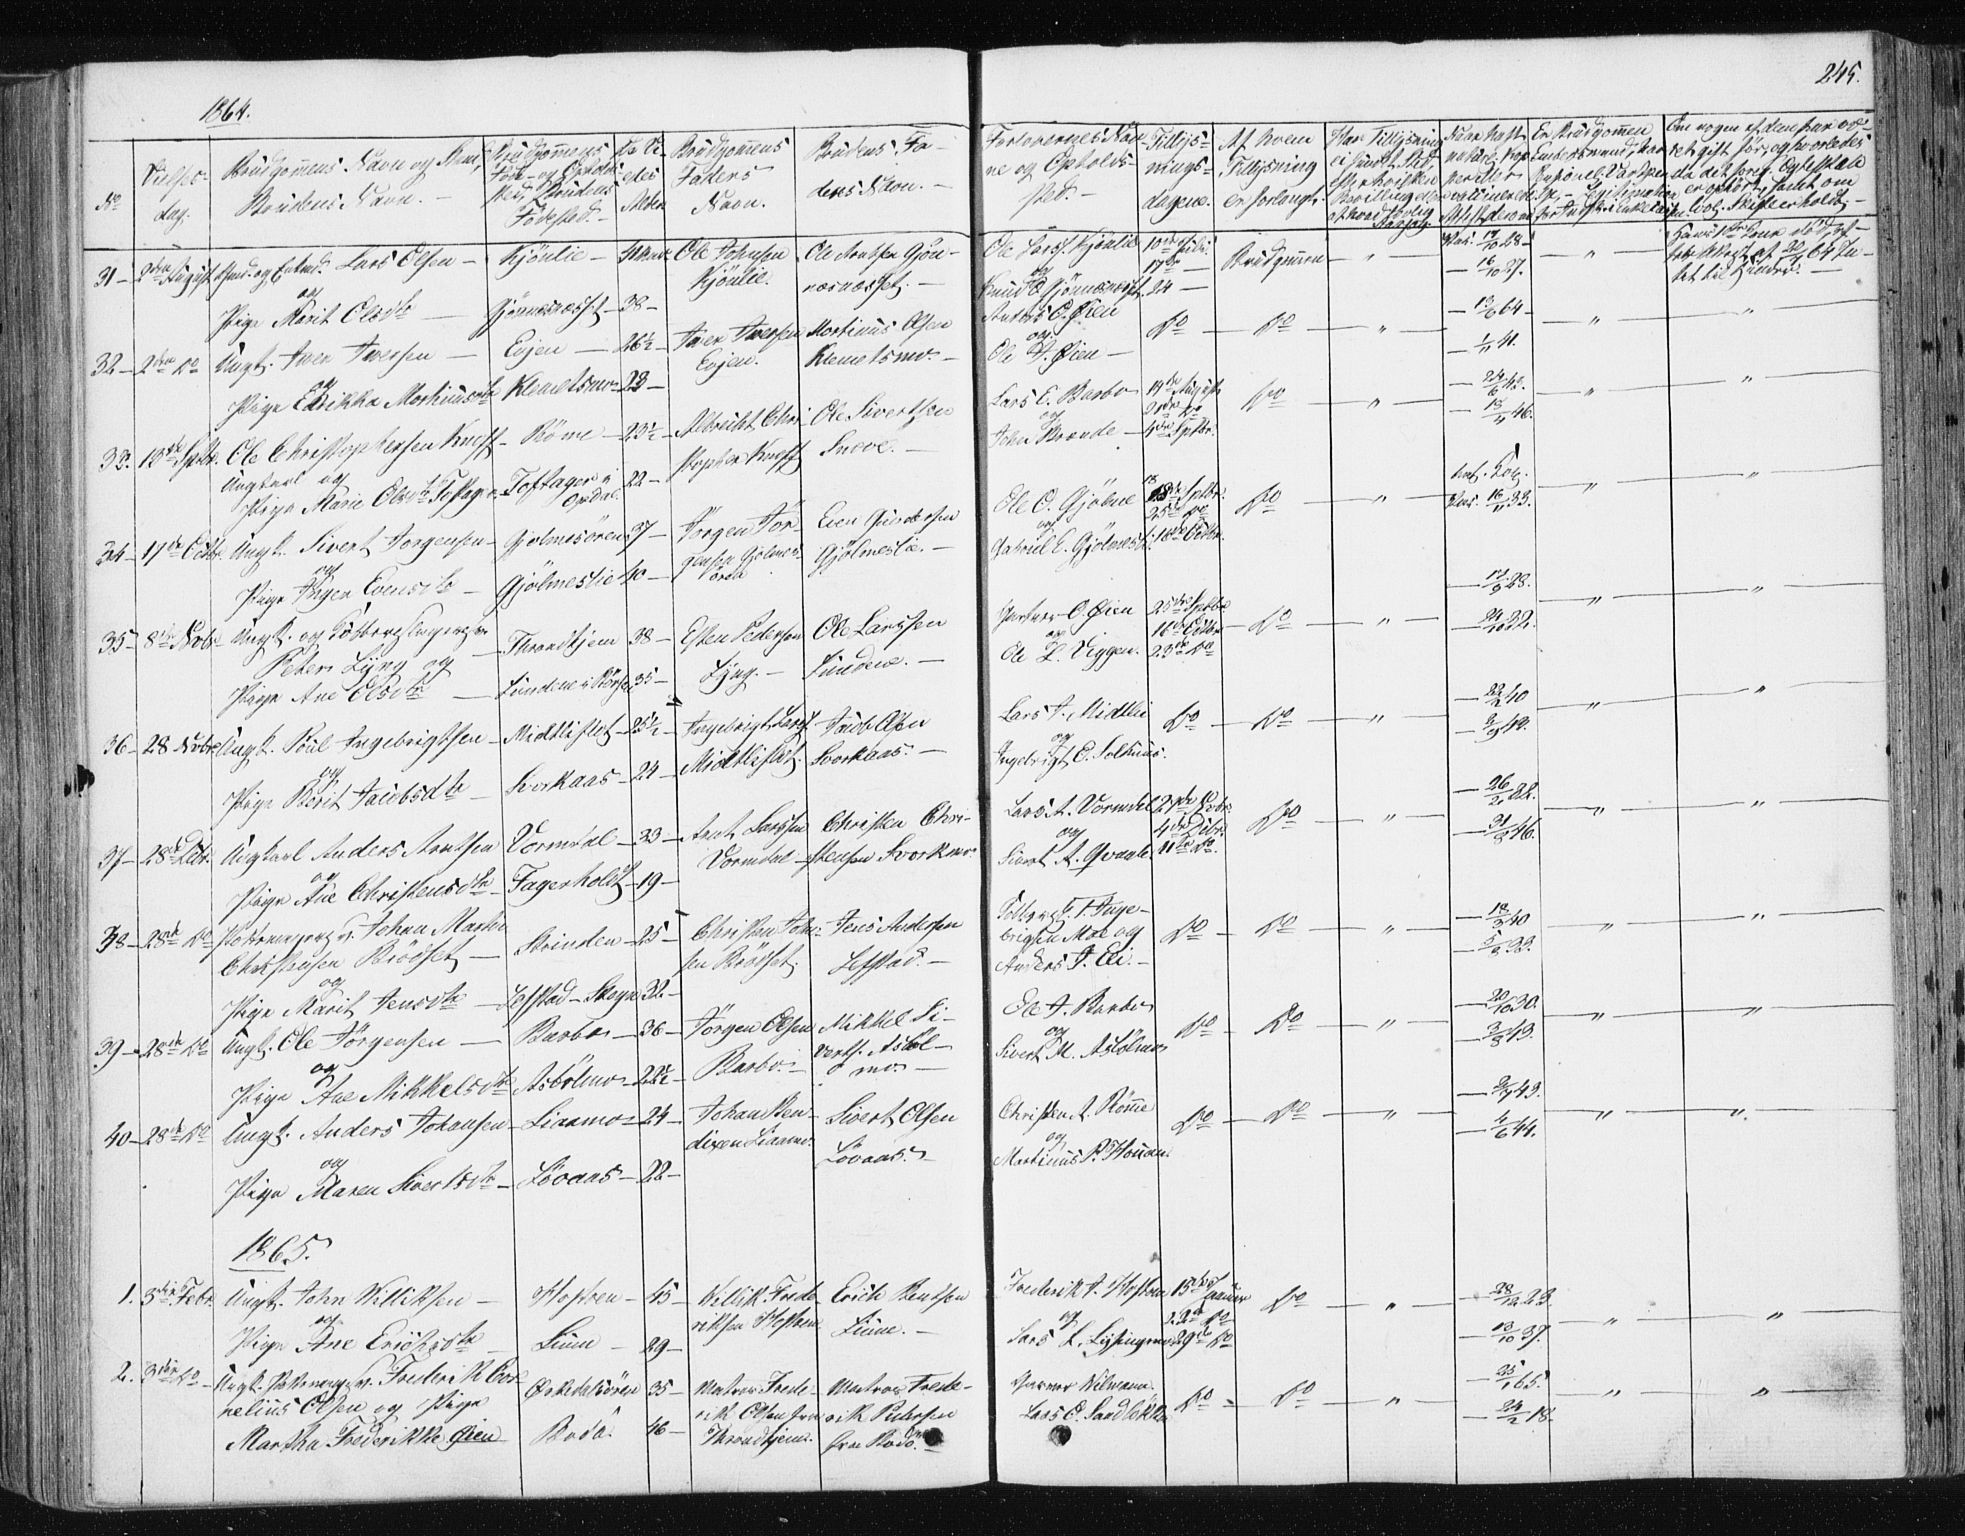 SAT, Ministerialprotokoller, klokkerbøker og fødselsregistre - Sør-Trøndelag, 668/L0806: Ministerialbok nr. 668A06, 1854-1869, s. 245